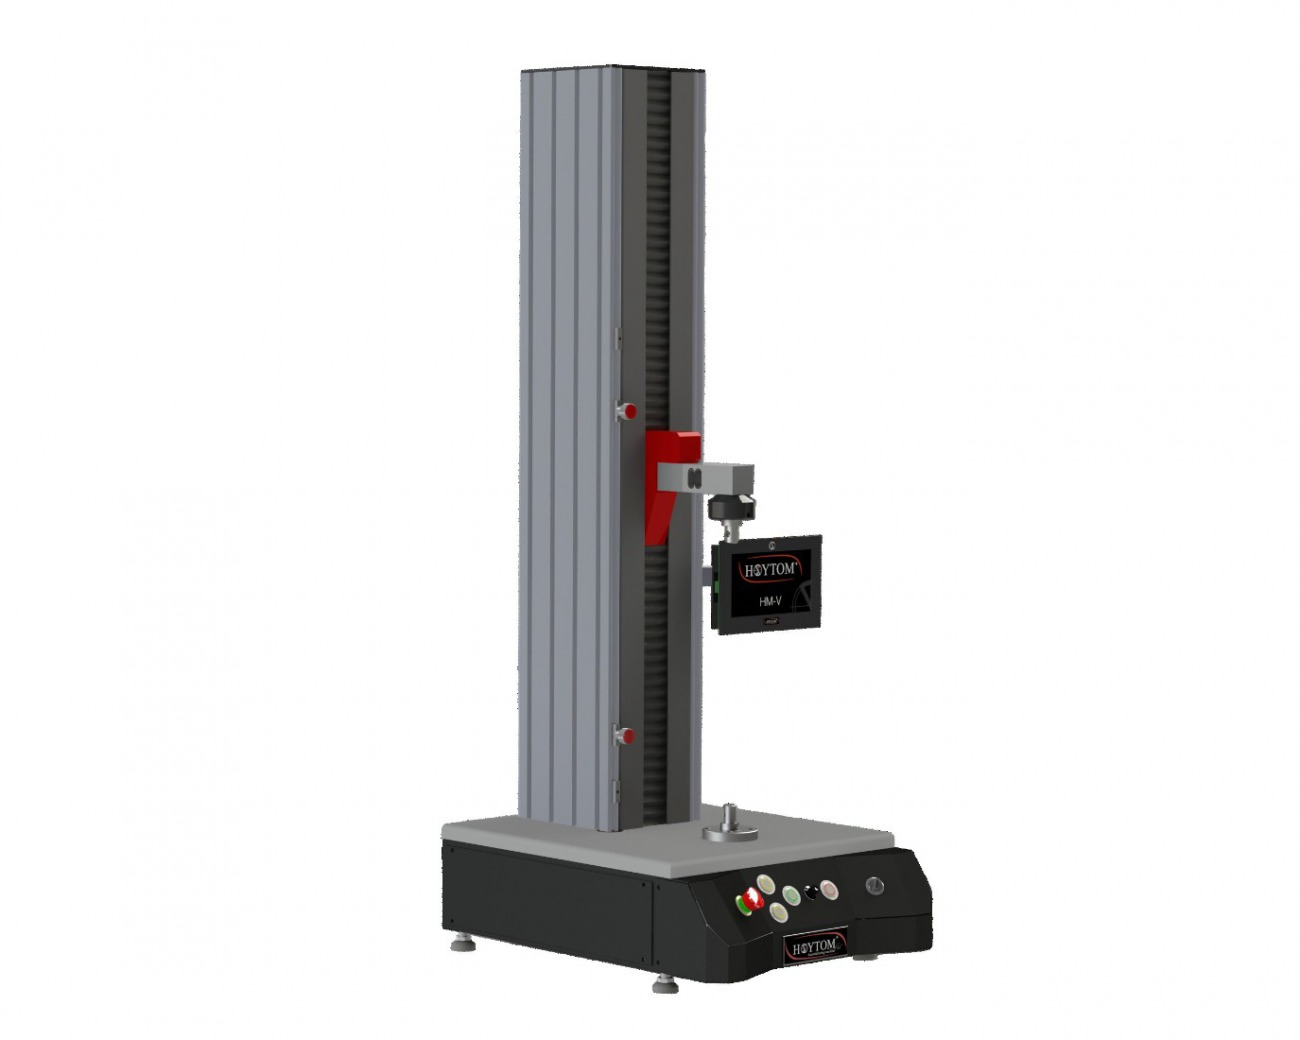 进口橡胶拉伸试验机——北京众研仪器有限公司